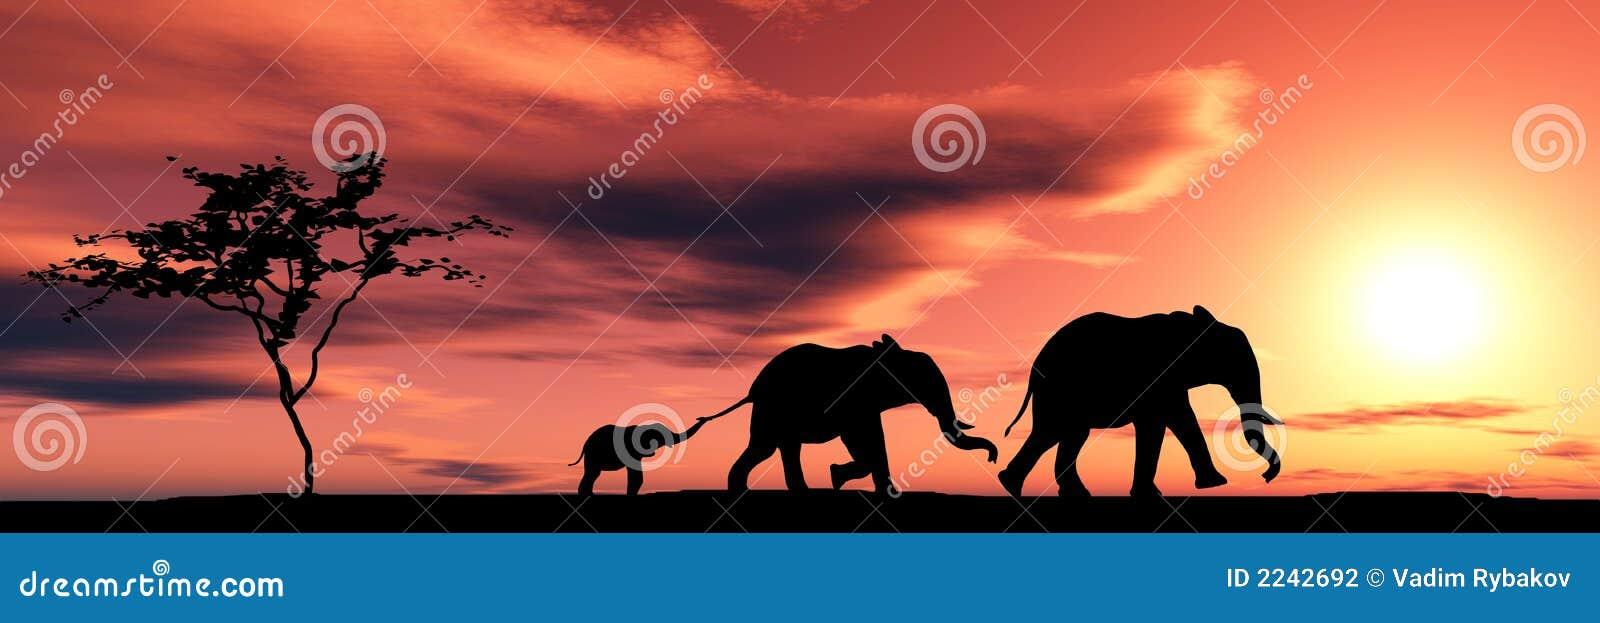 Słonie rodzinne